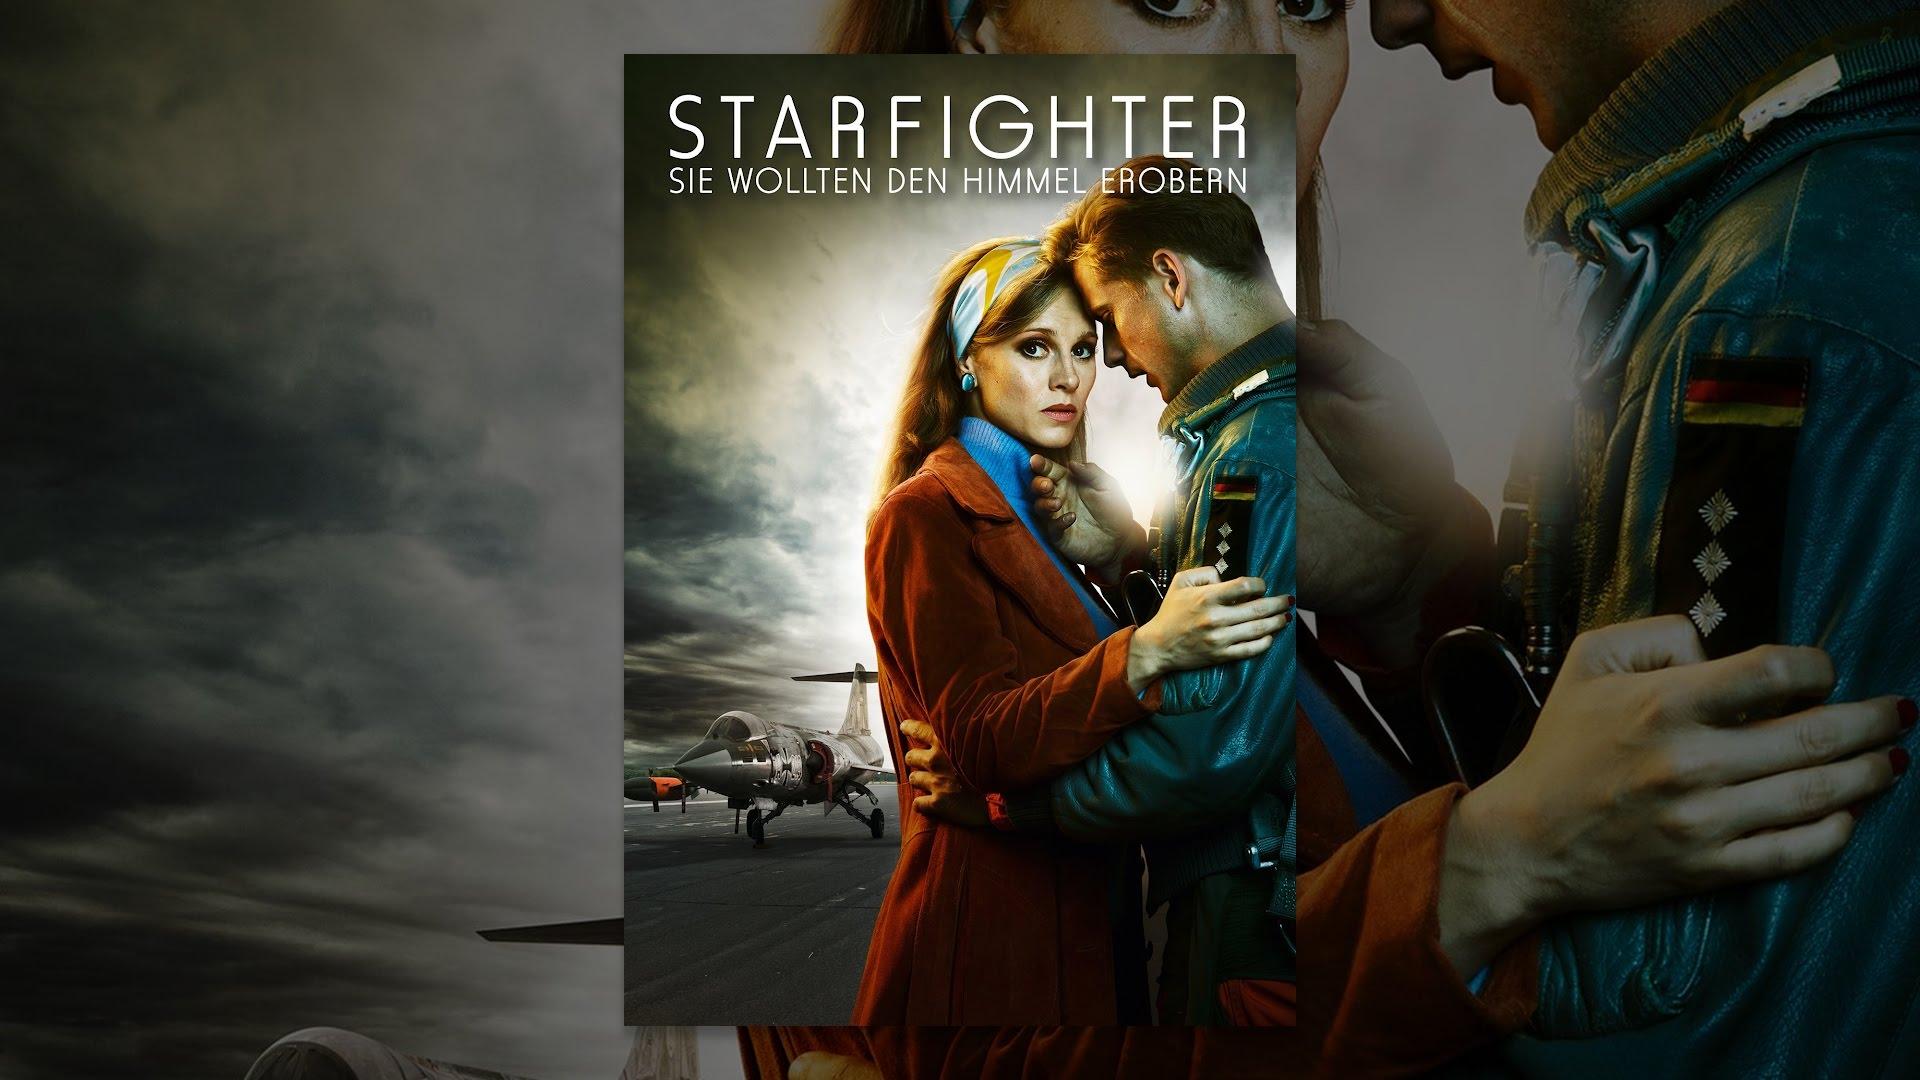 Starfighter Sie Wollten Den Himmel Erobern Ganzer Film